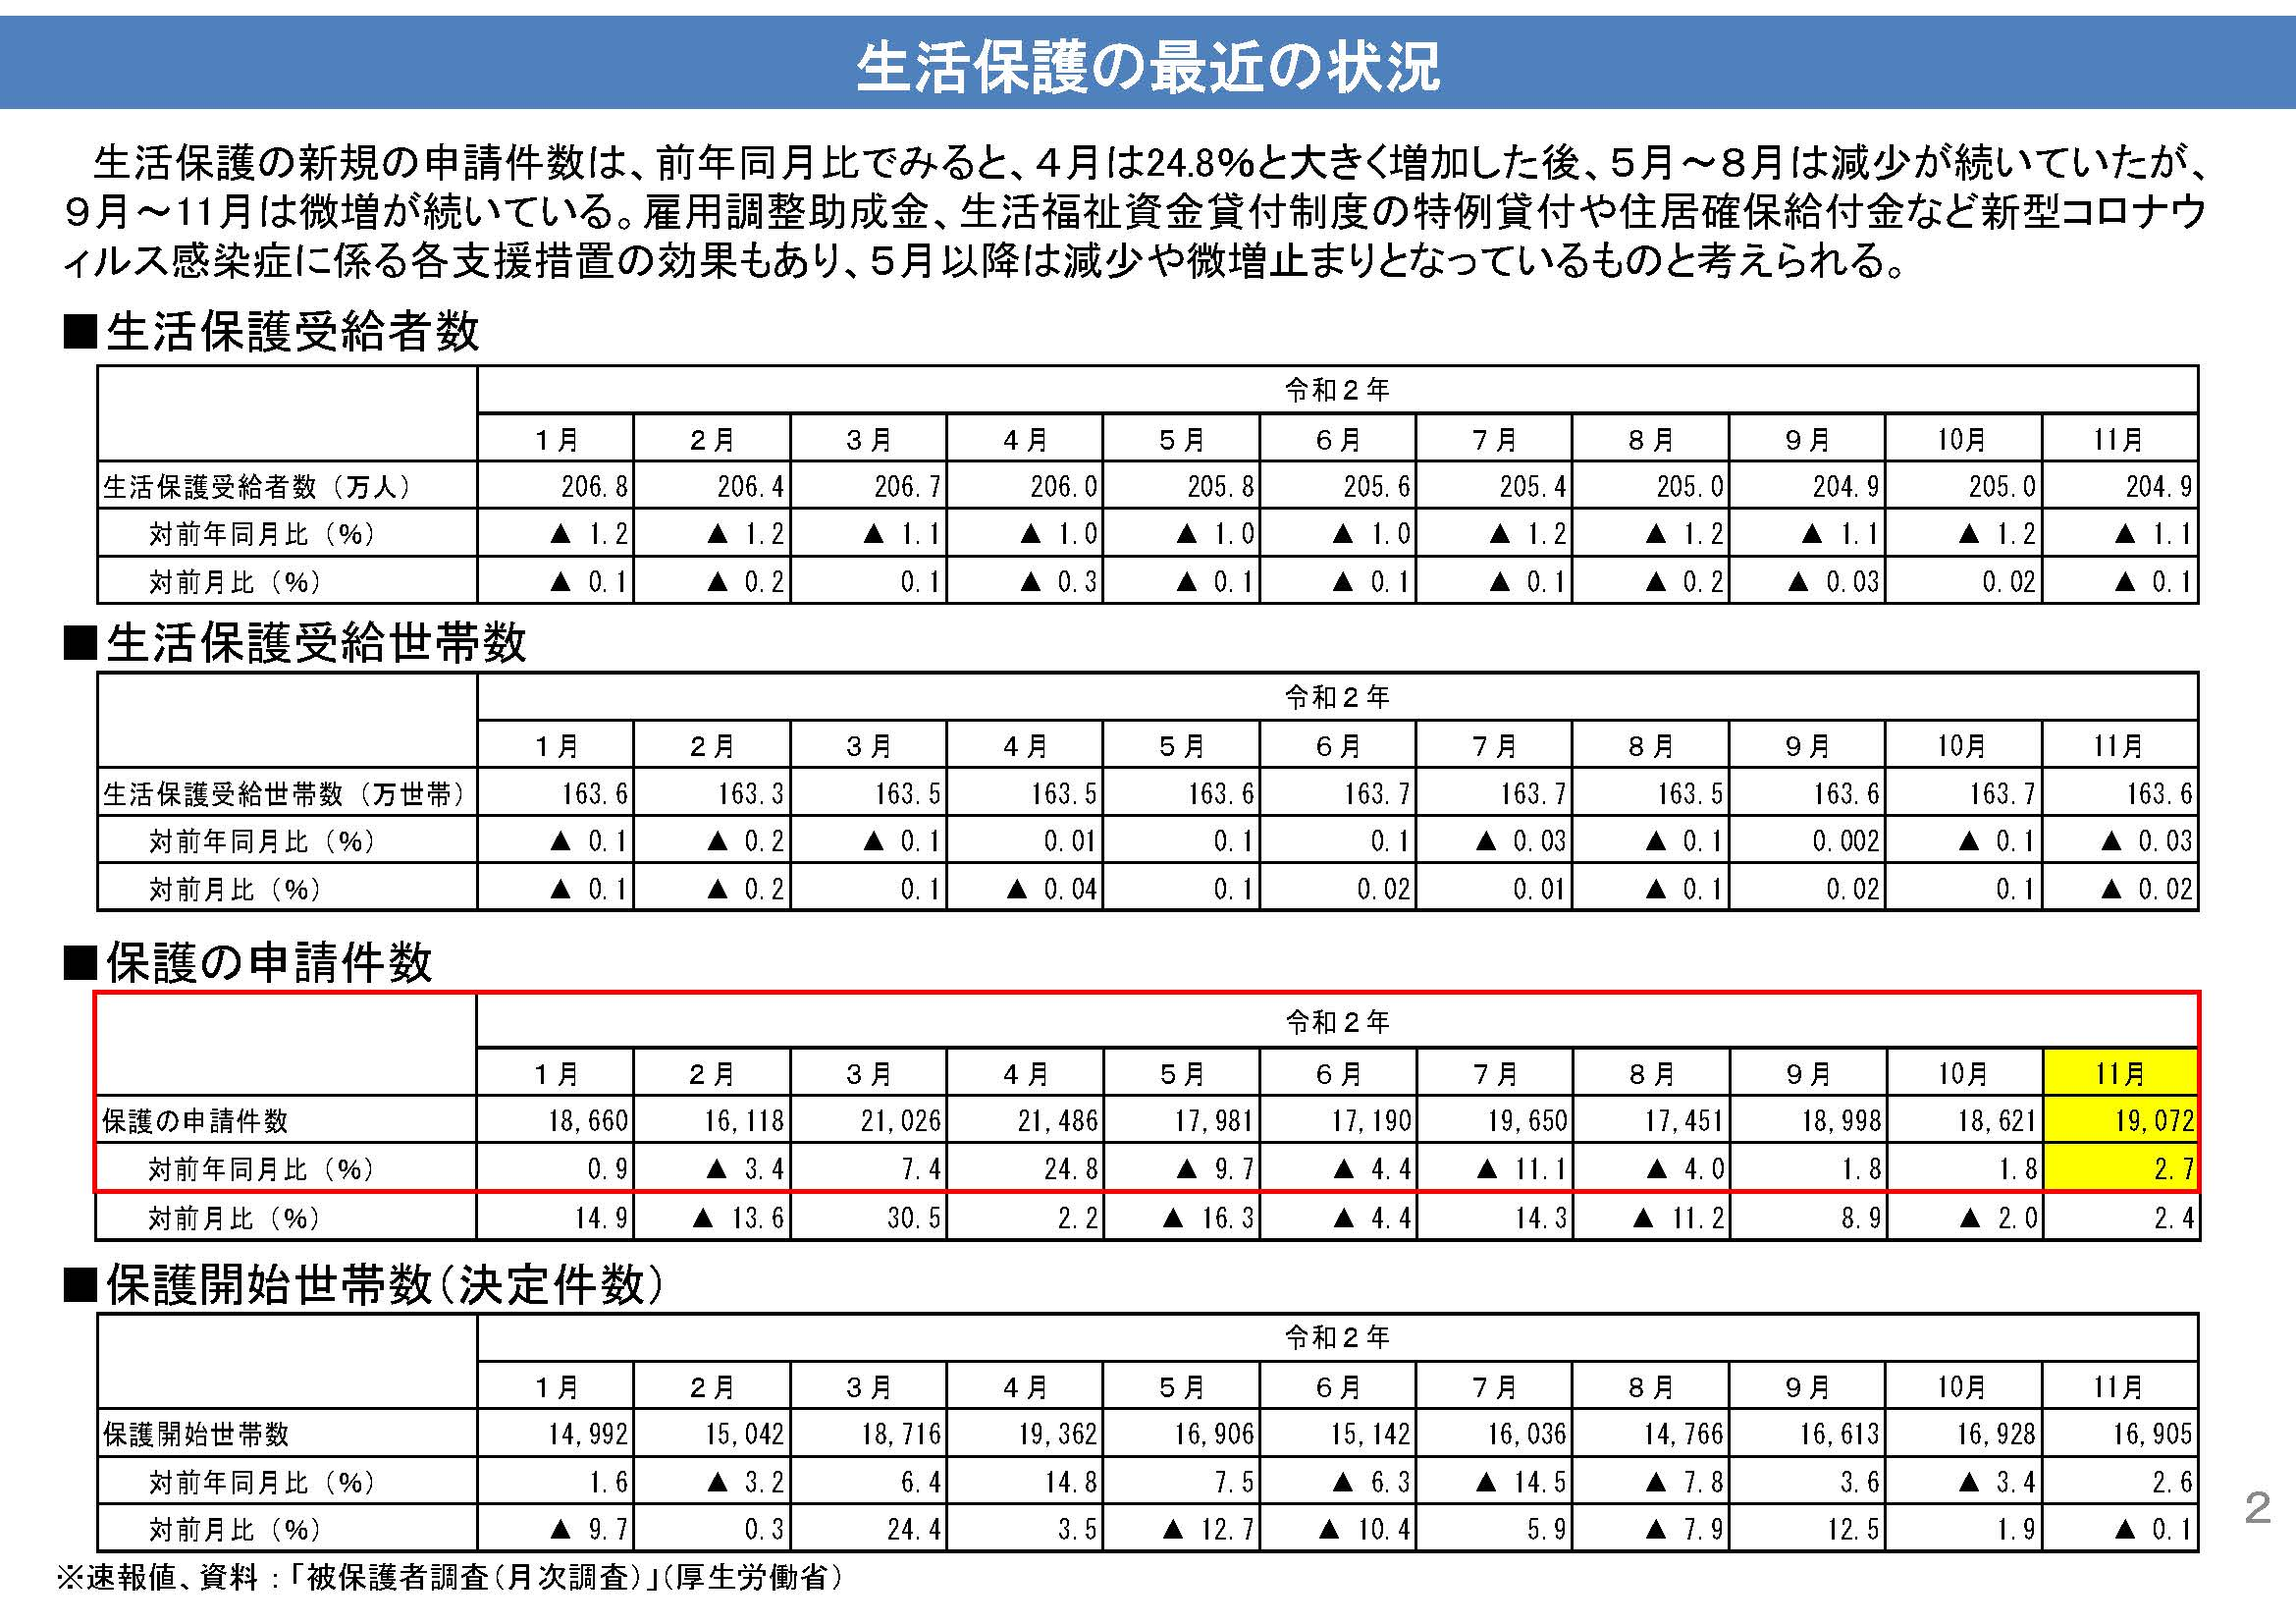 210216 生活保護関係資料(厚生労働省) 3.jpg